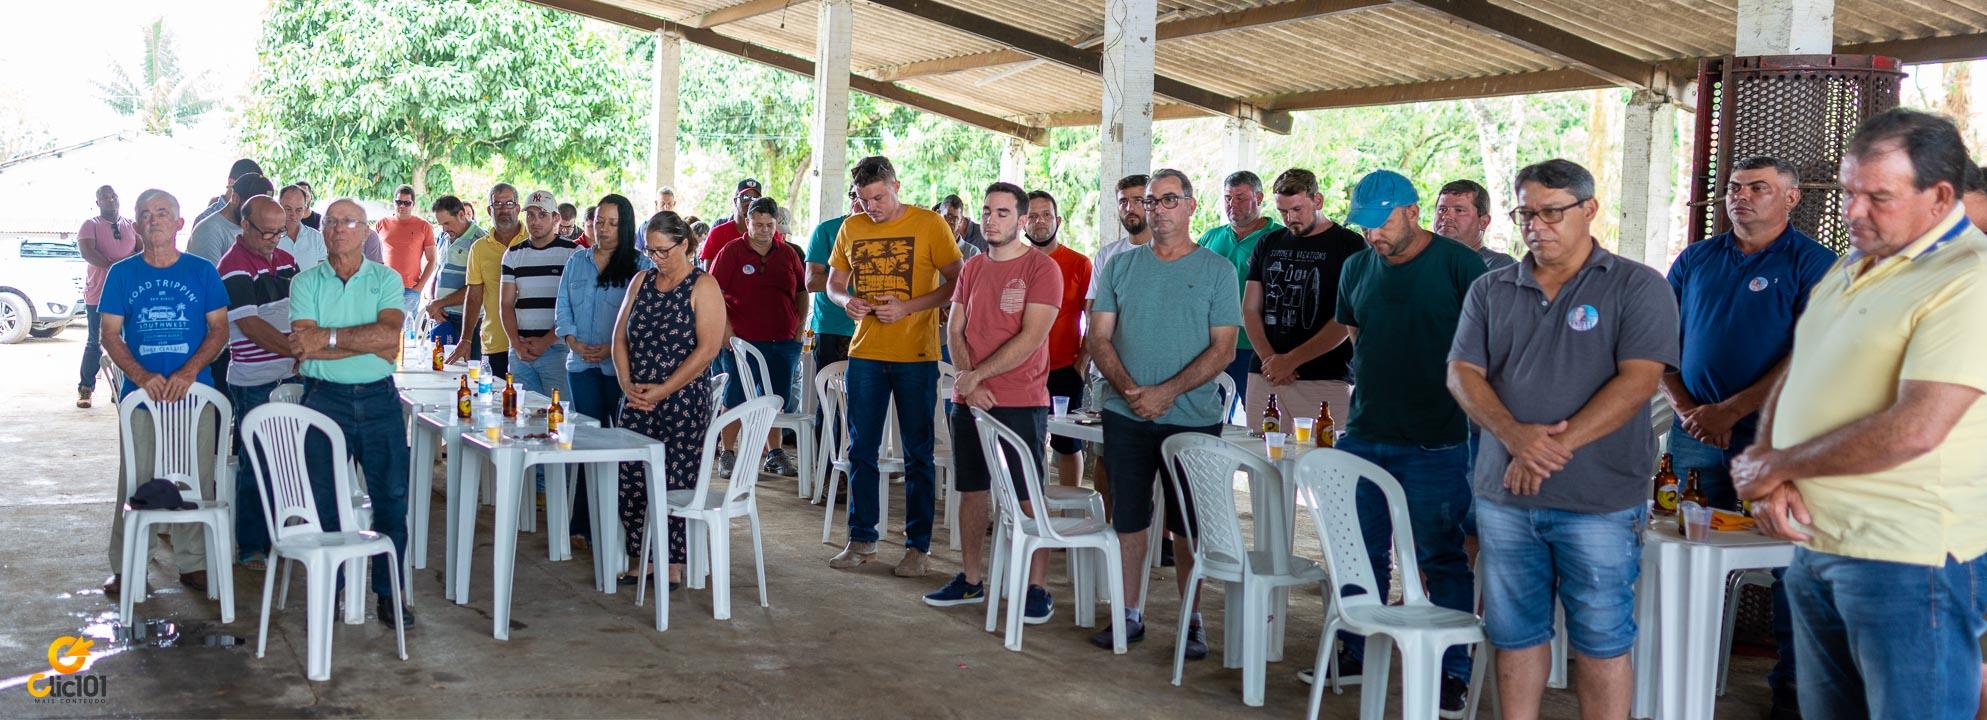 Oração ao início da reunião.